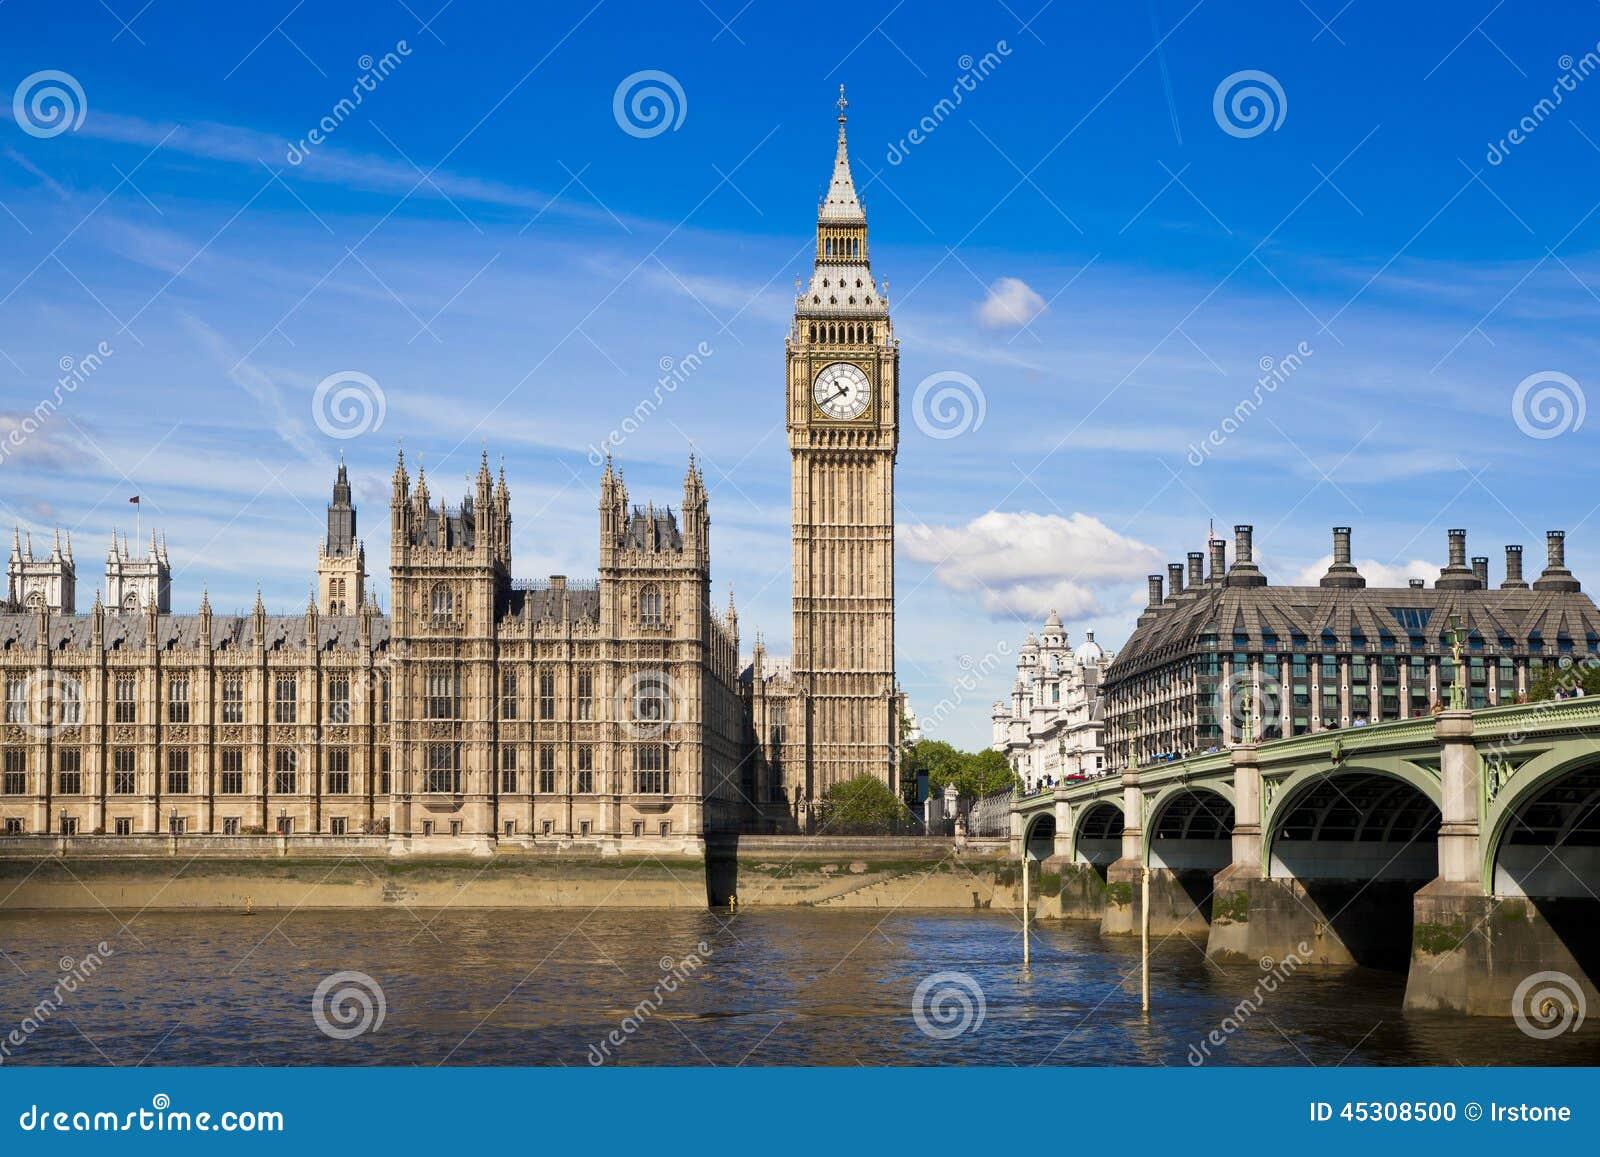 LONDON, Großbritannien - 24. Juni 2014 - Big Ben und Parlamentsgebäude